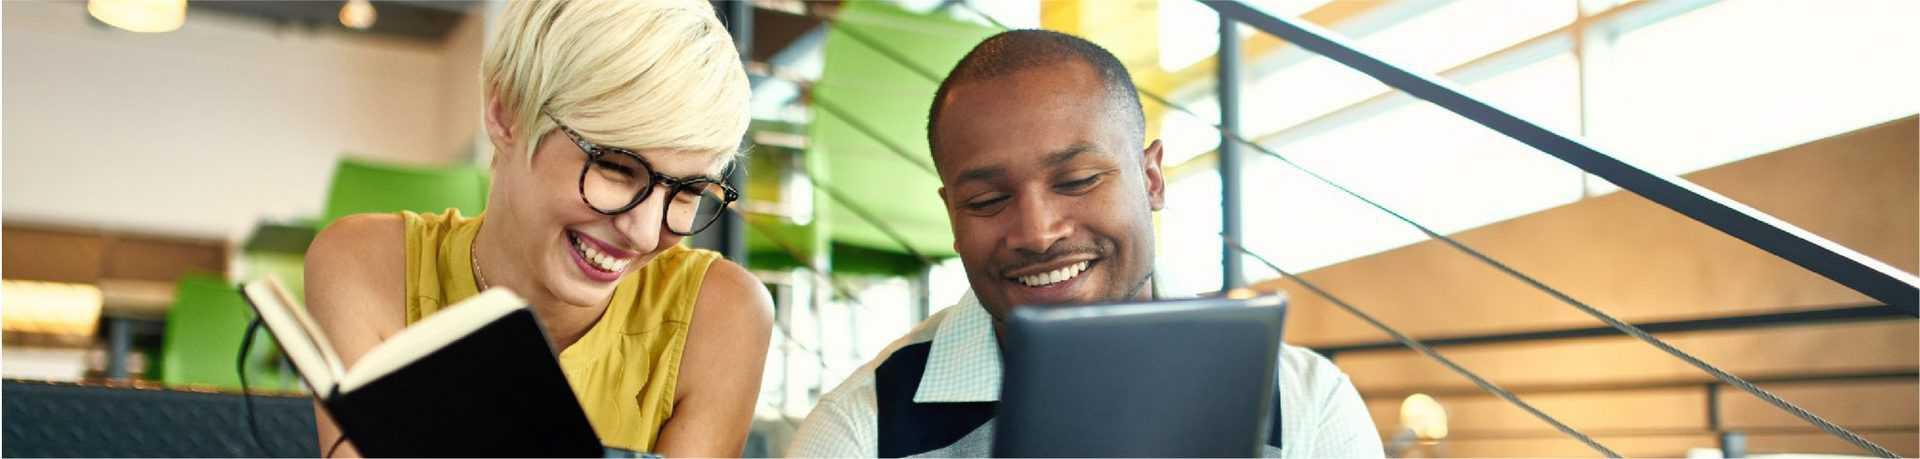 Más colaboración en empresas de crecimiento rápido